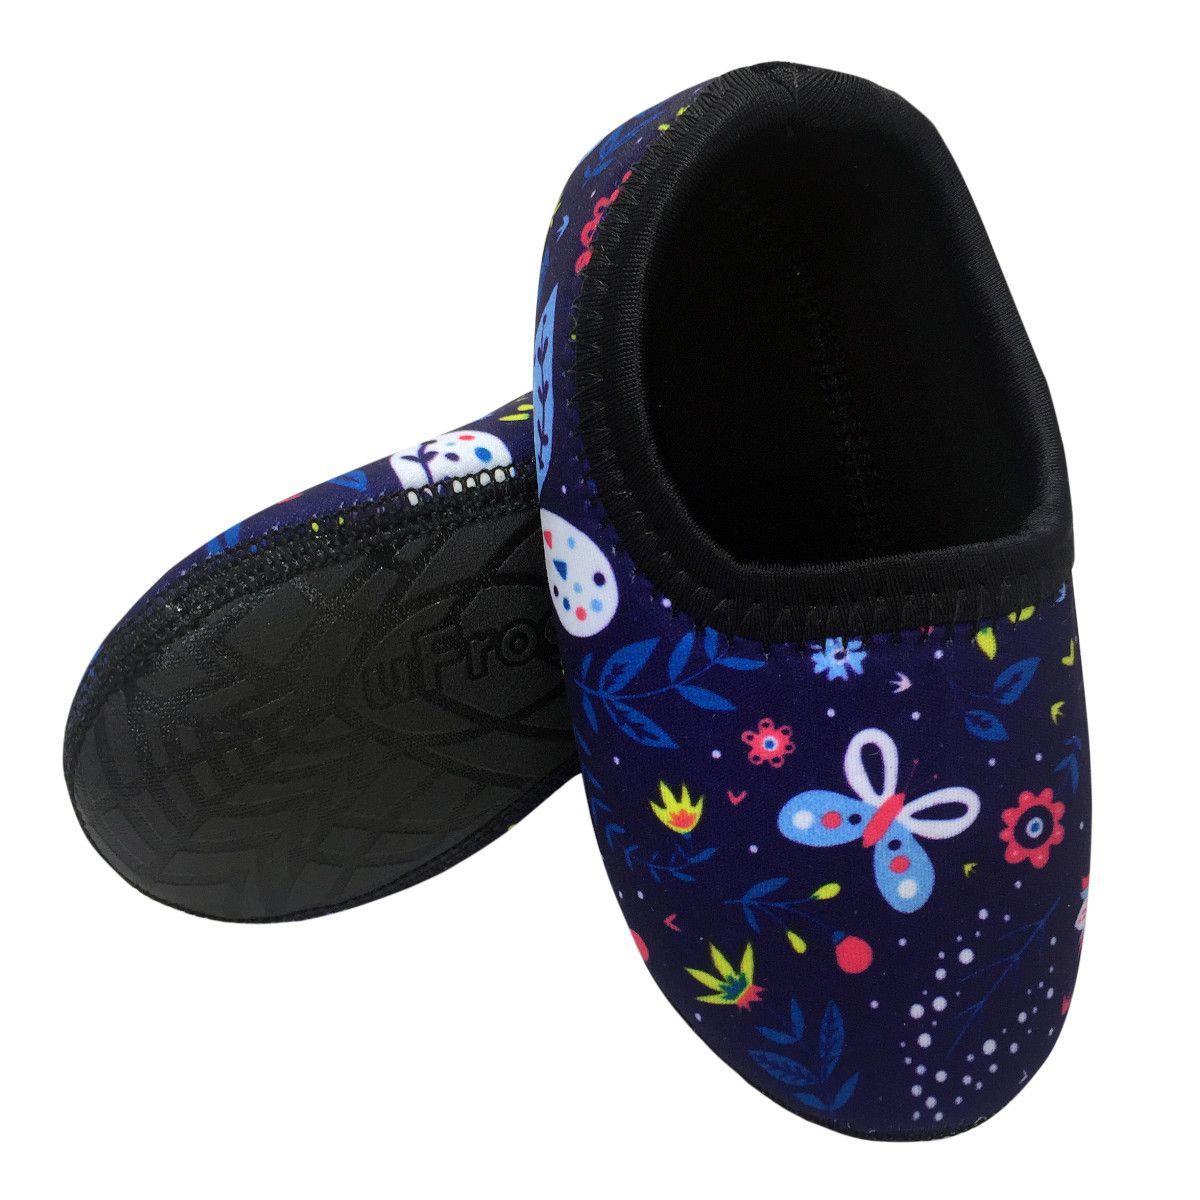 Sapato de Neoprene Infantil Fit Borboleta Ufrog